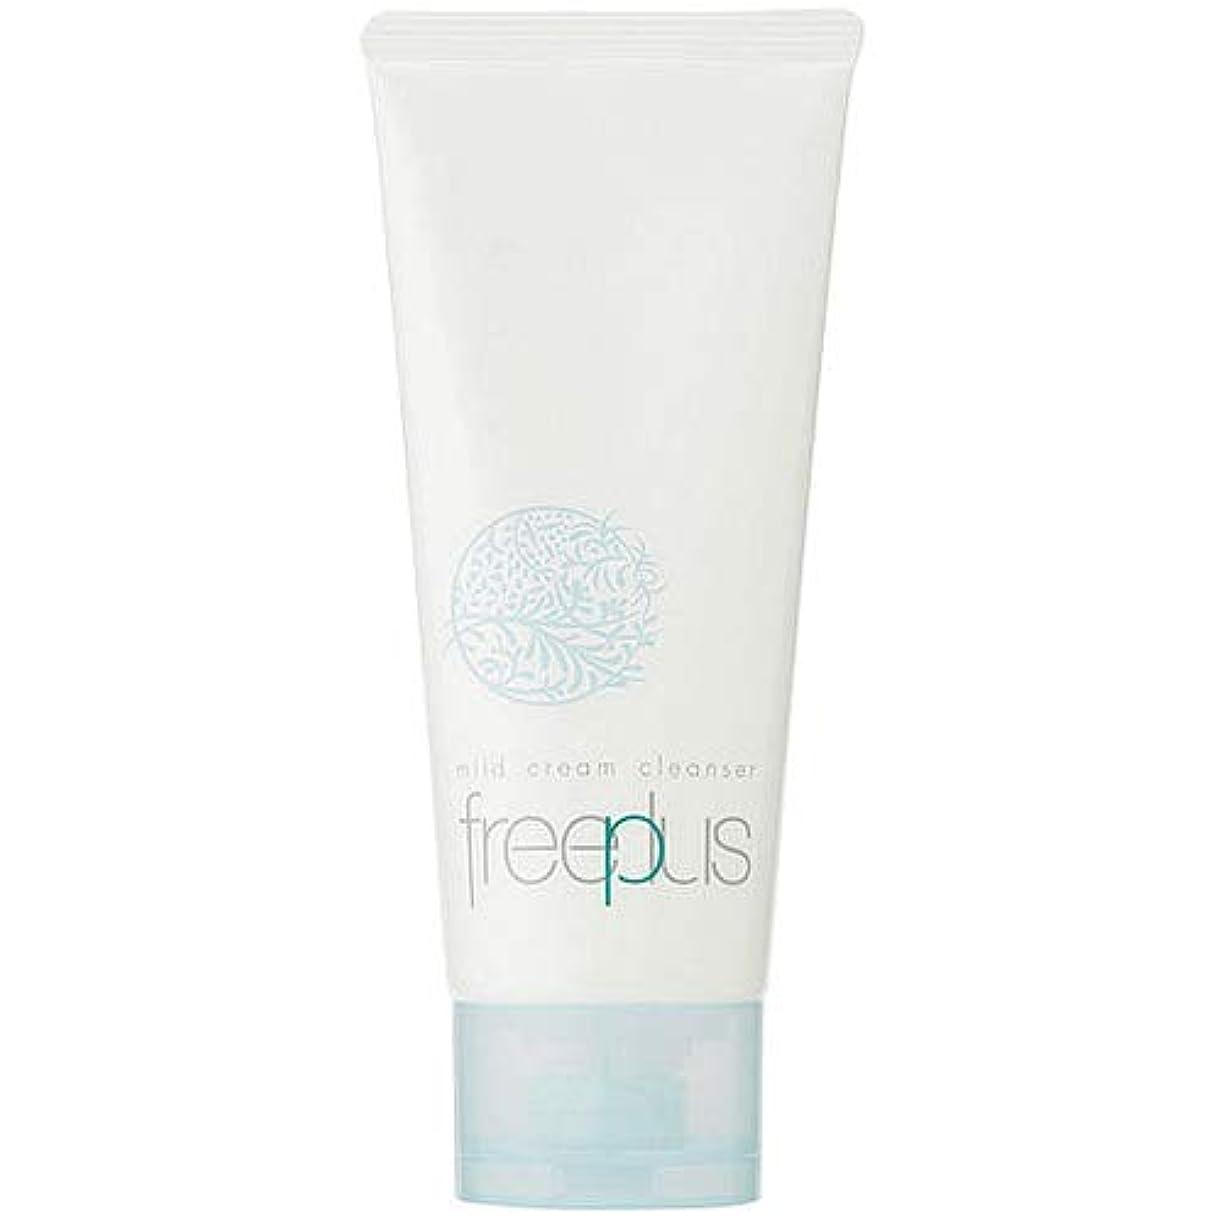 短命保全硬さフリープラス FREEPLUS フリープラス マイルドクリームクレンザーa 125g [並行輸入品]